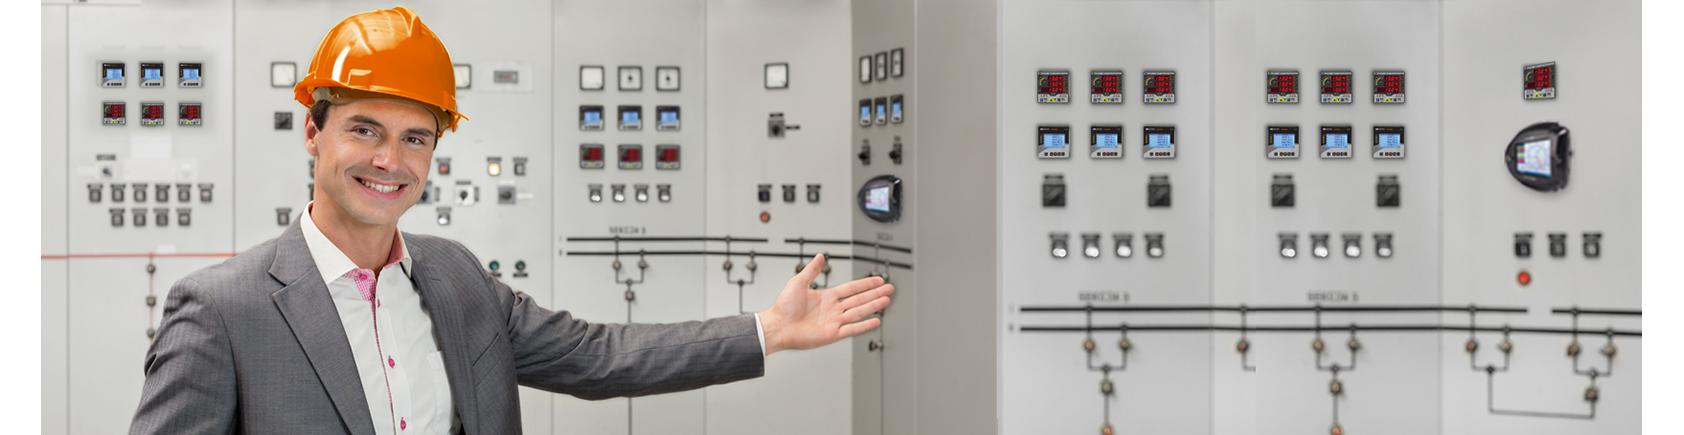 סייטק - ניתוח איכות חשמל